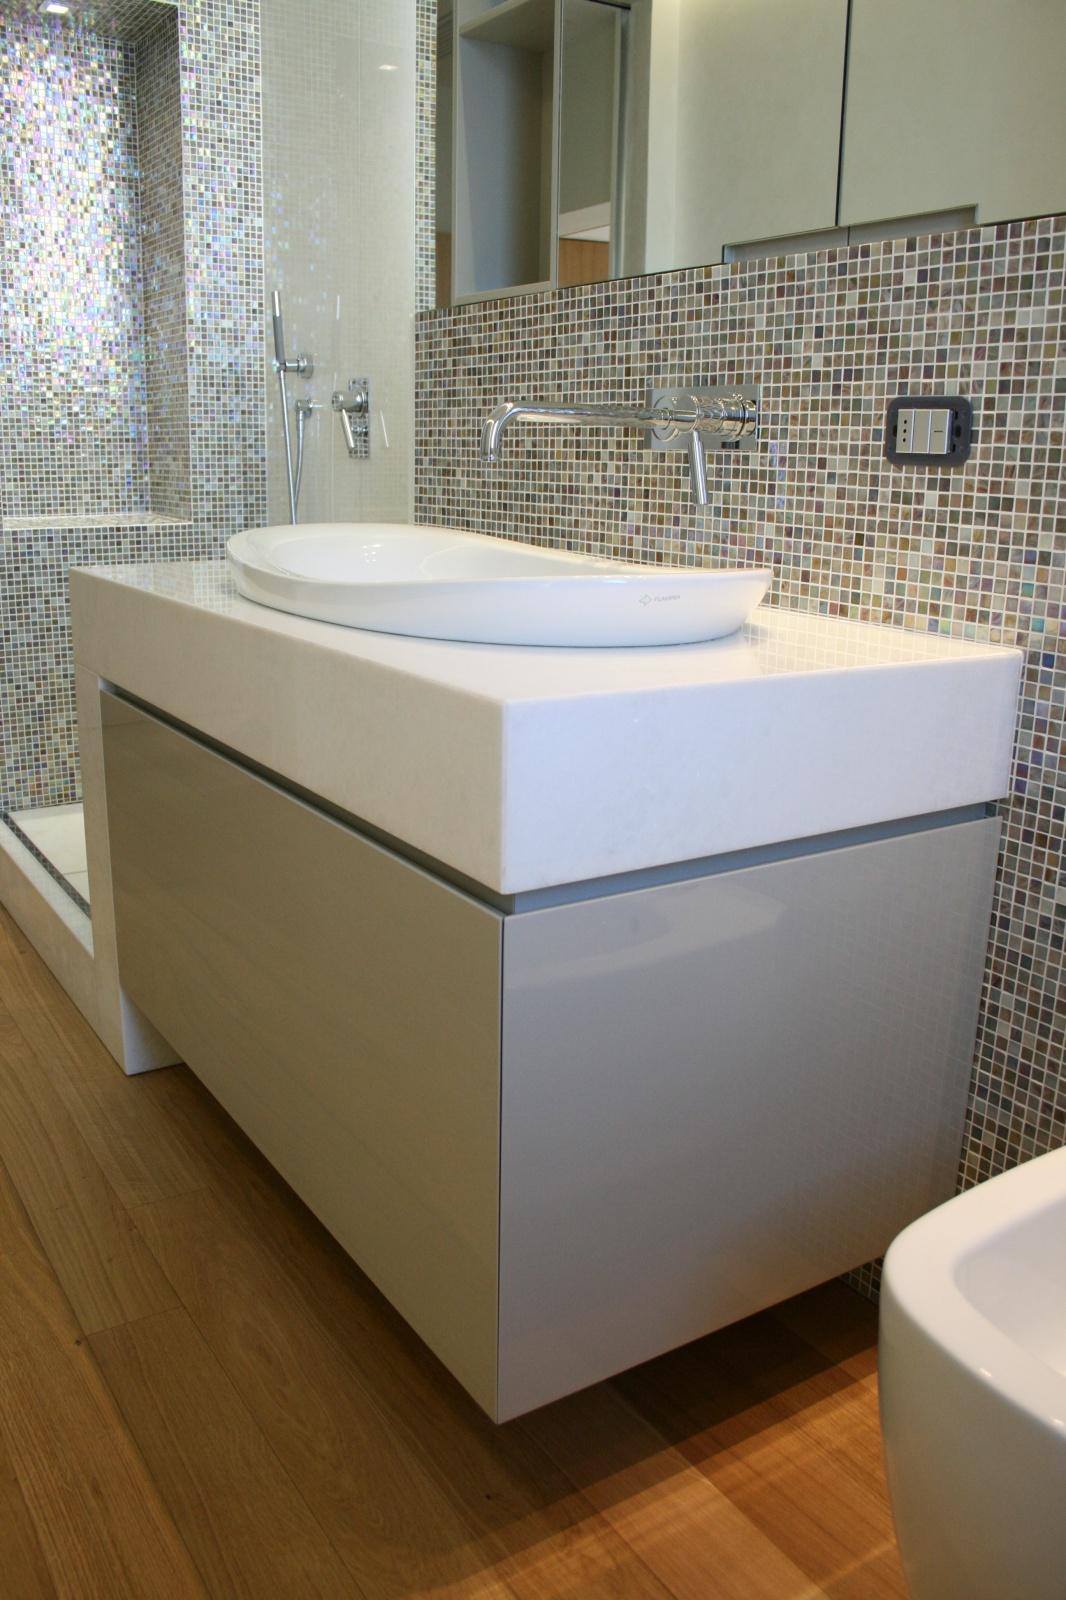 Mobile bagno sospeso moderno a cassettone a santarcangelo - Bagno di romagna last minute ...